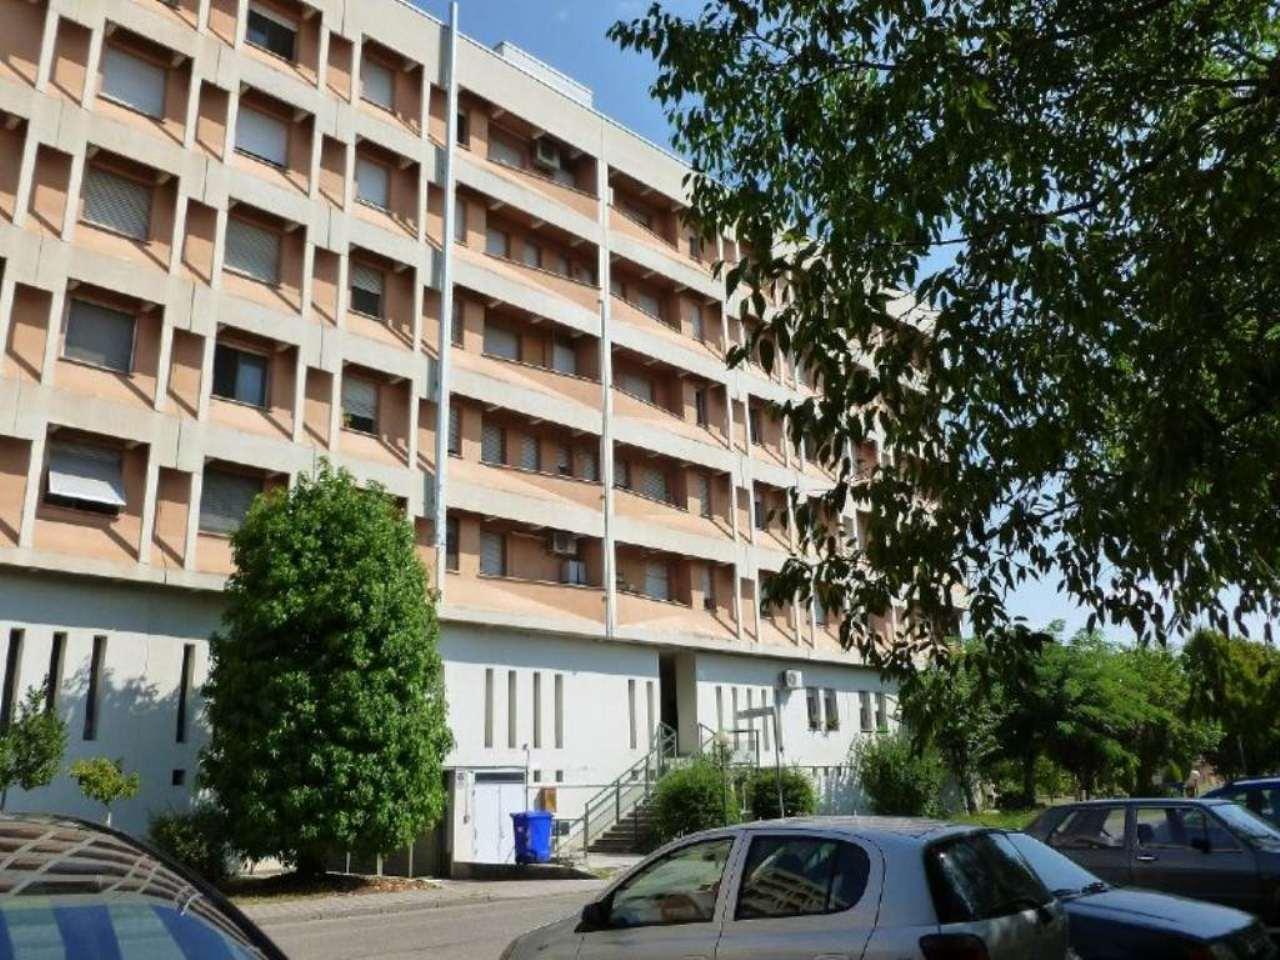 Bilocale Parma Piazza Marie Curie 8